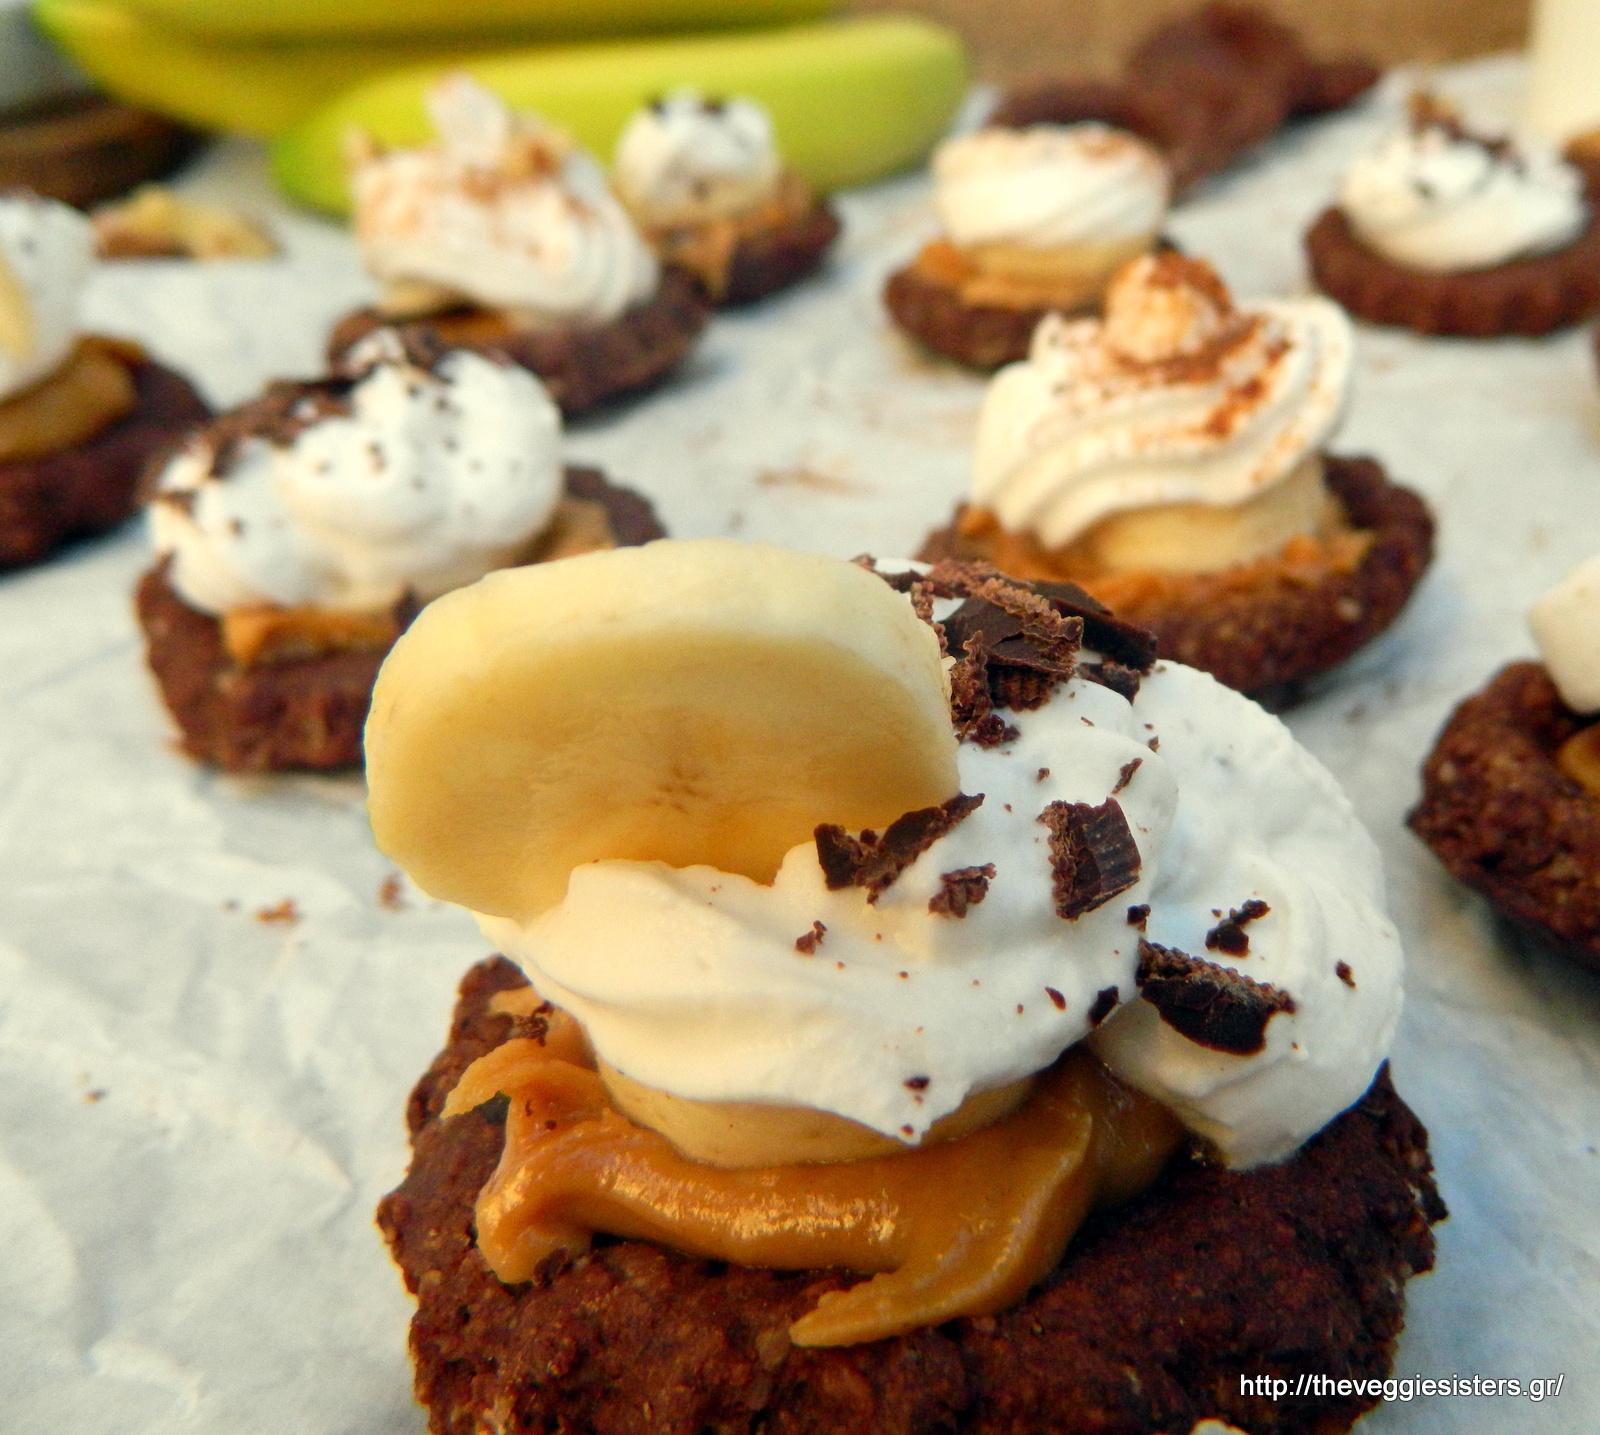 Λαχταριστά ταρτάκια banoffee (νηστίσιμα κ χωρίς γλουτένη) - Mini scrumptious vegan gf banoffee tarts